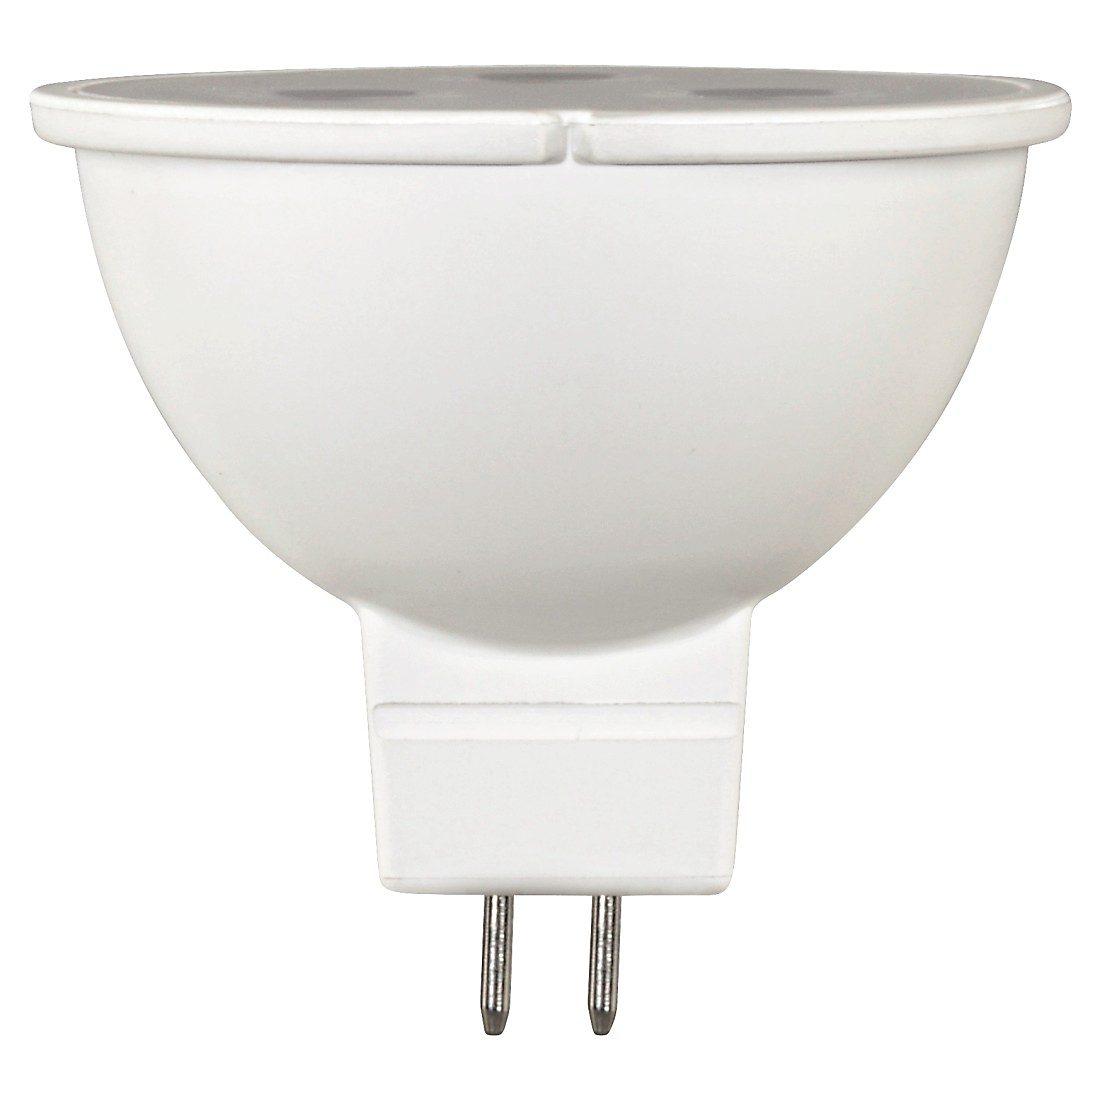 Xavax LED-Reflektorlampe, 6W, GU5,3, MR16, Warmweiß